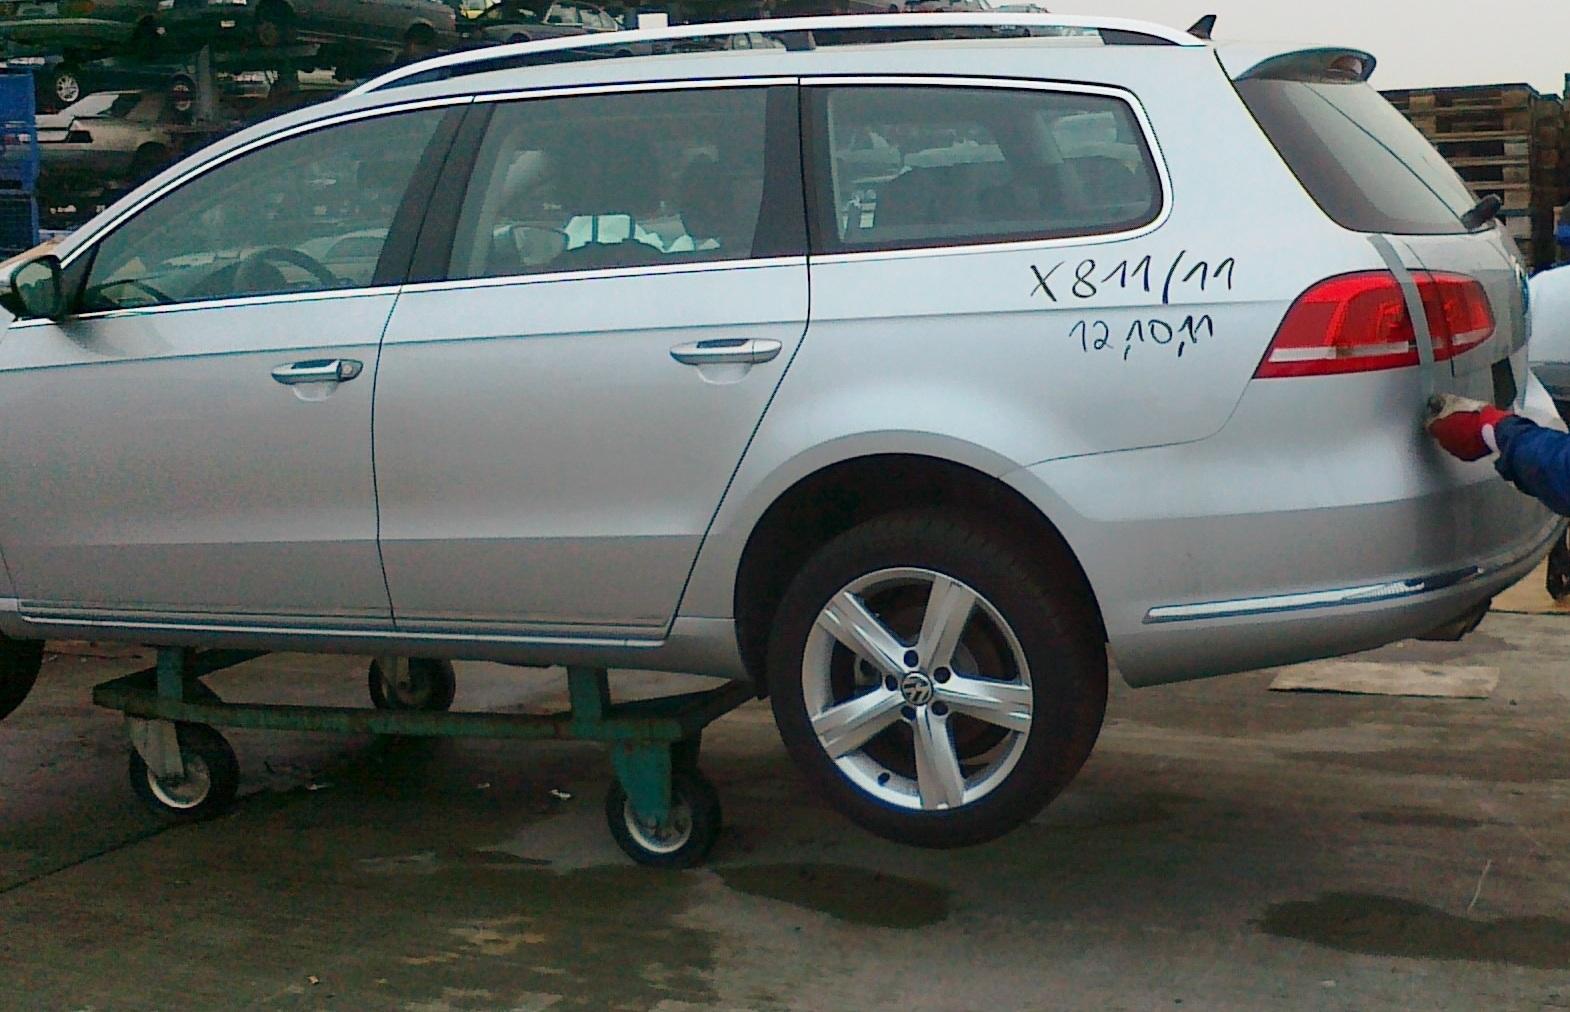 Dezmembrez Volkswagen Passat 2011 Diesel Combi - 10 Ianuarie 2012 - Poza 1